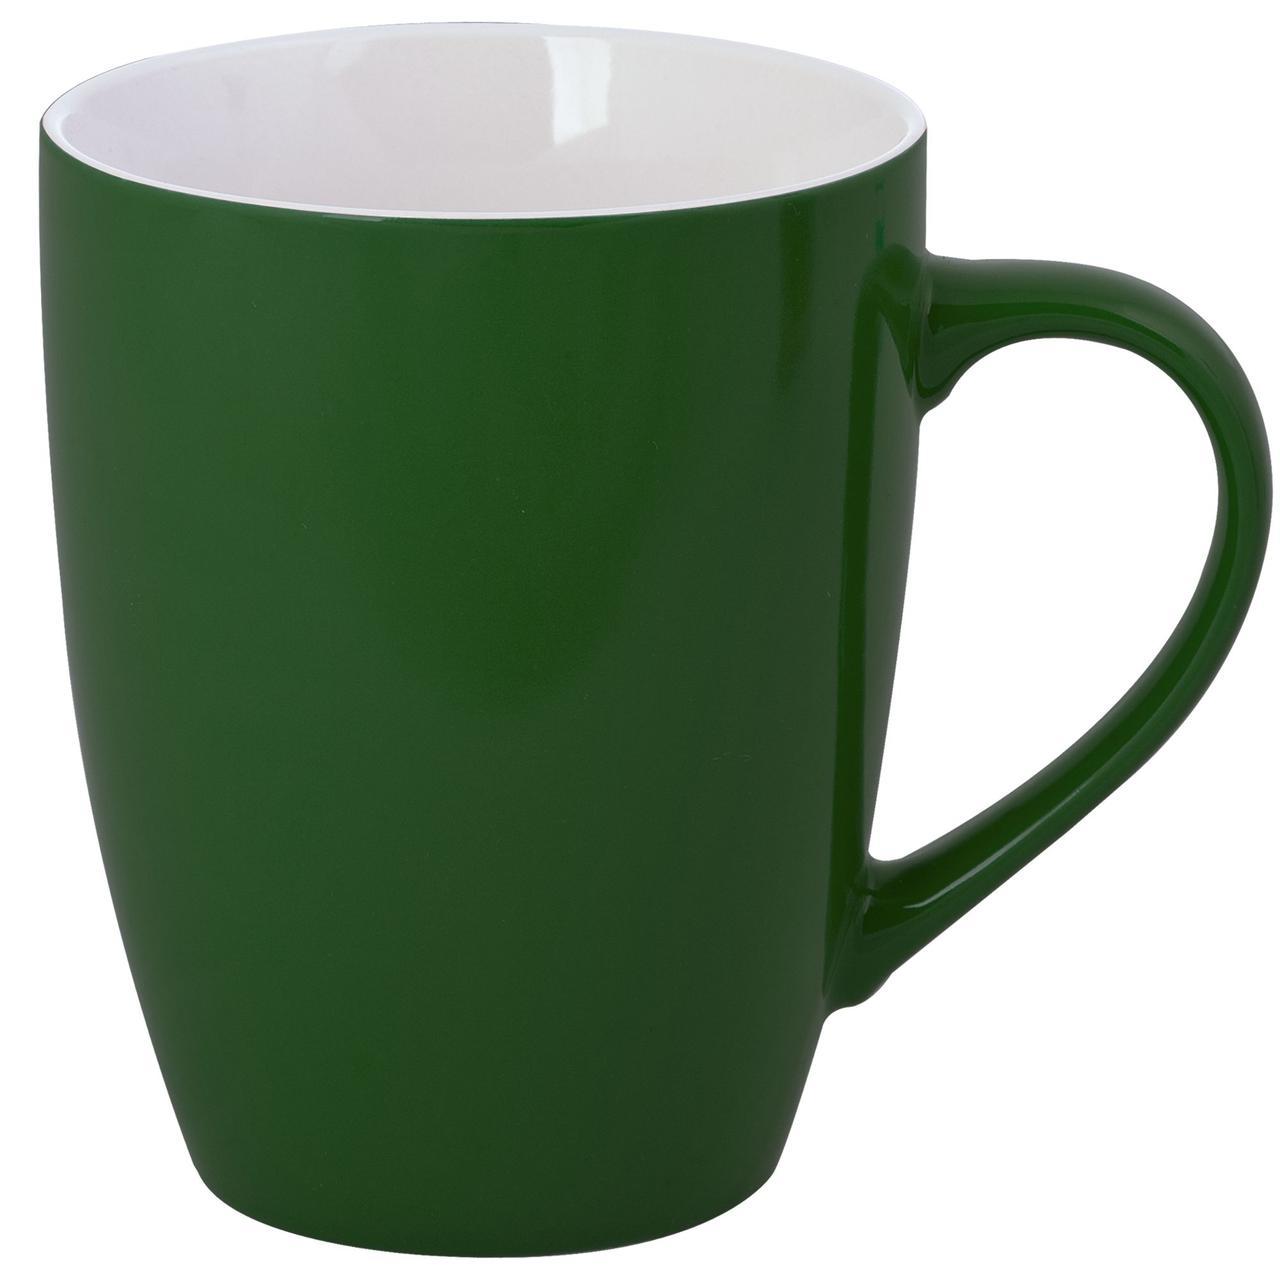 Кружка Good Morning, зеленая (артикул 6478.90)